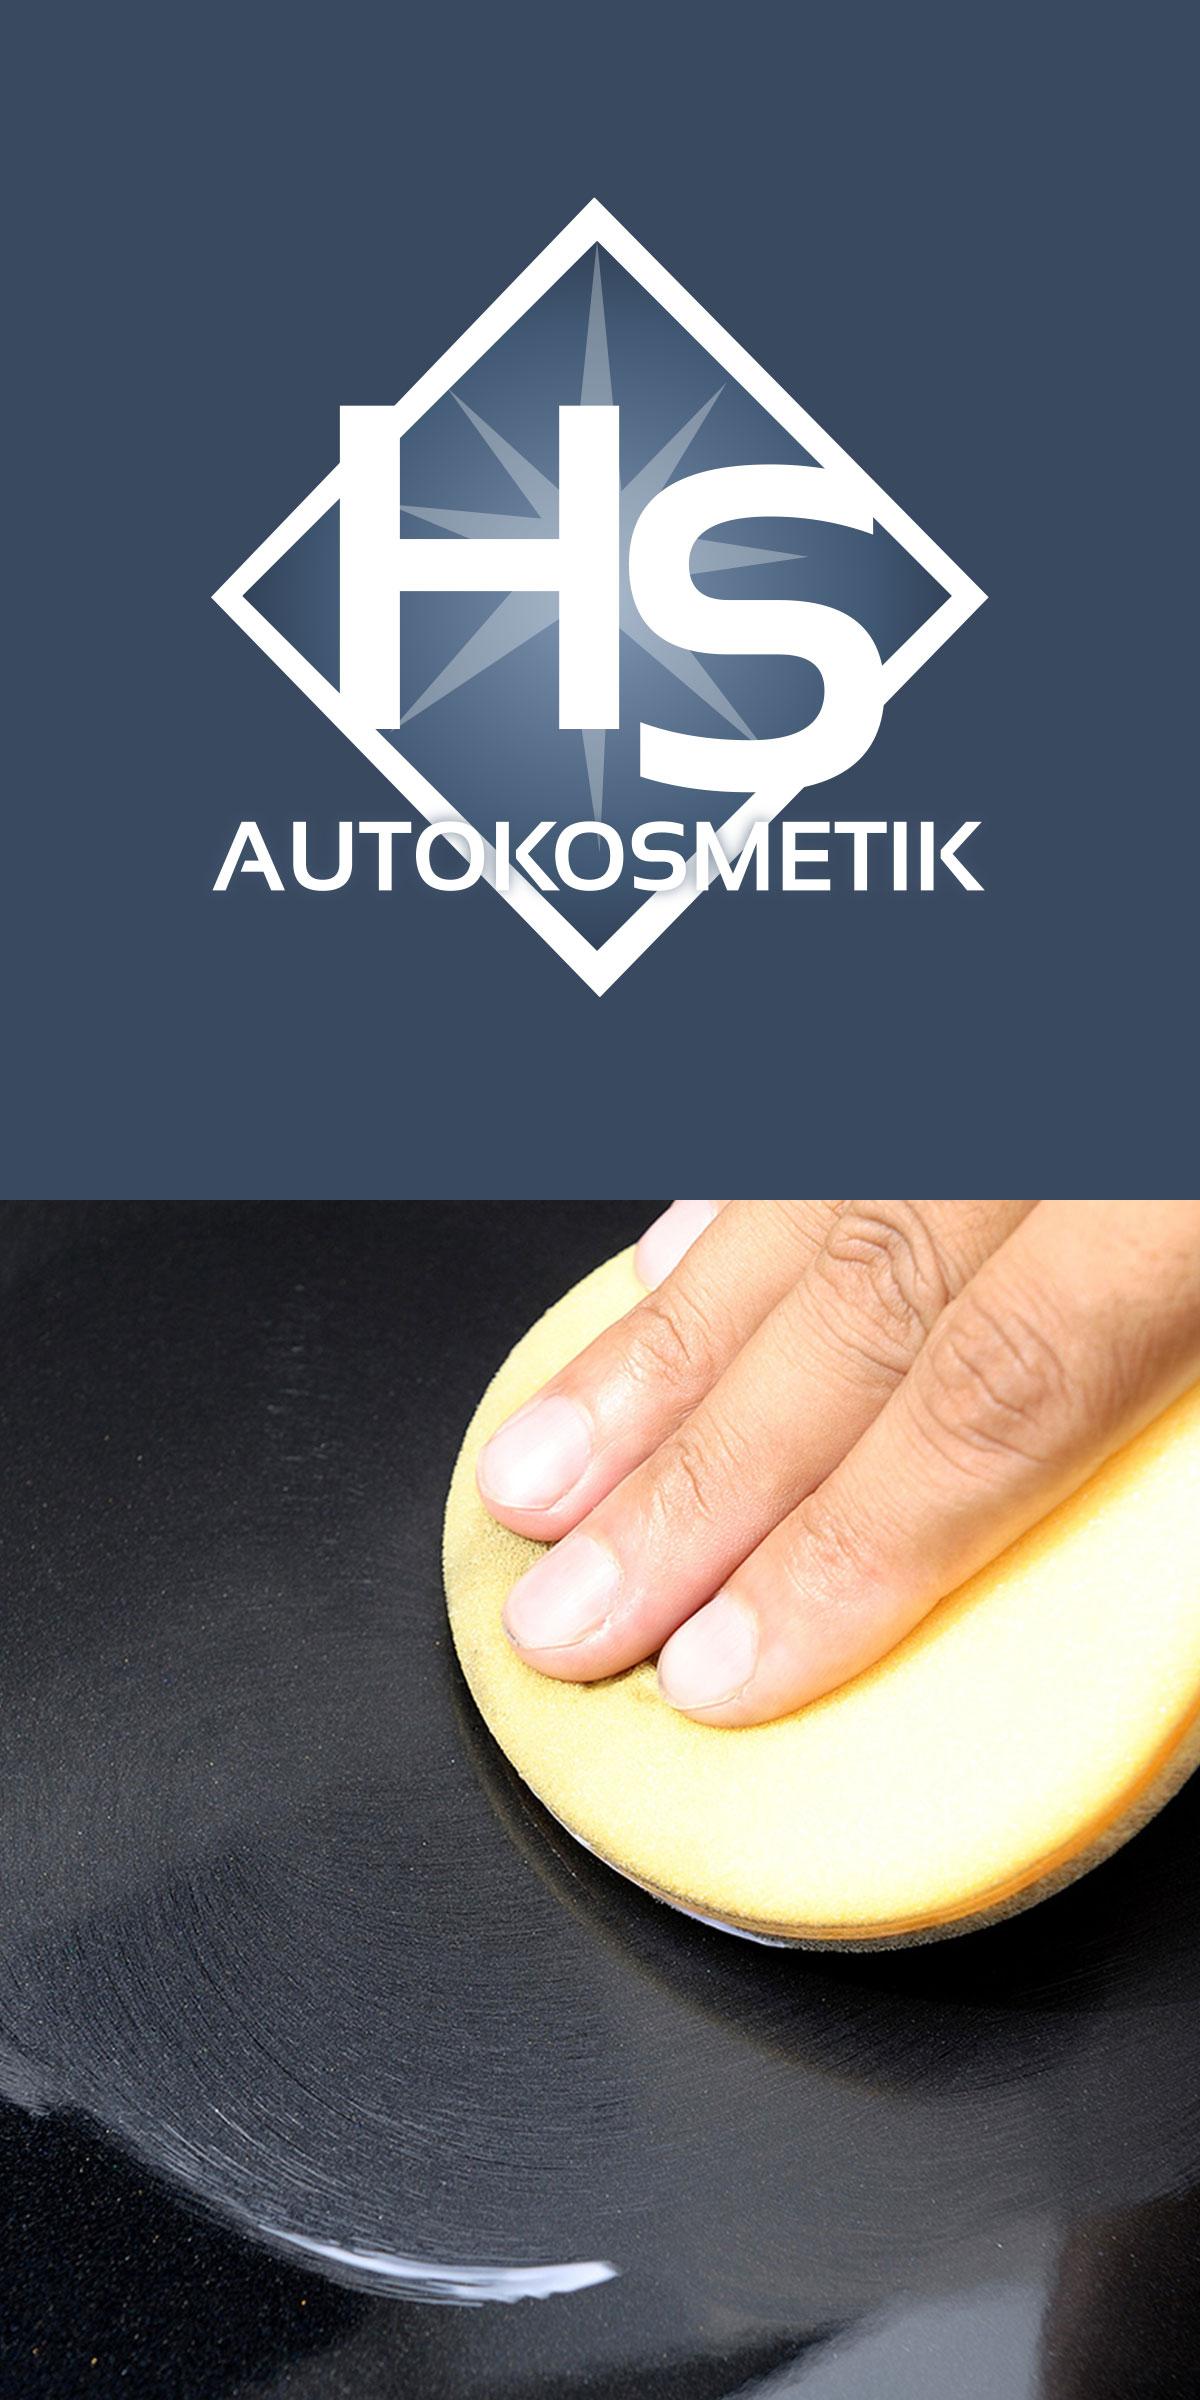 HS Autokosmetik